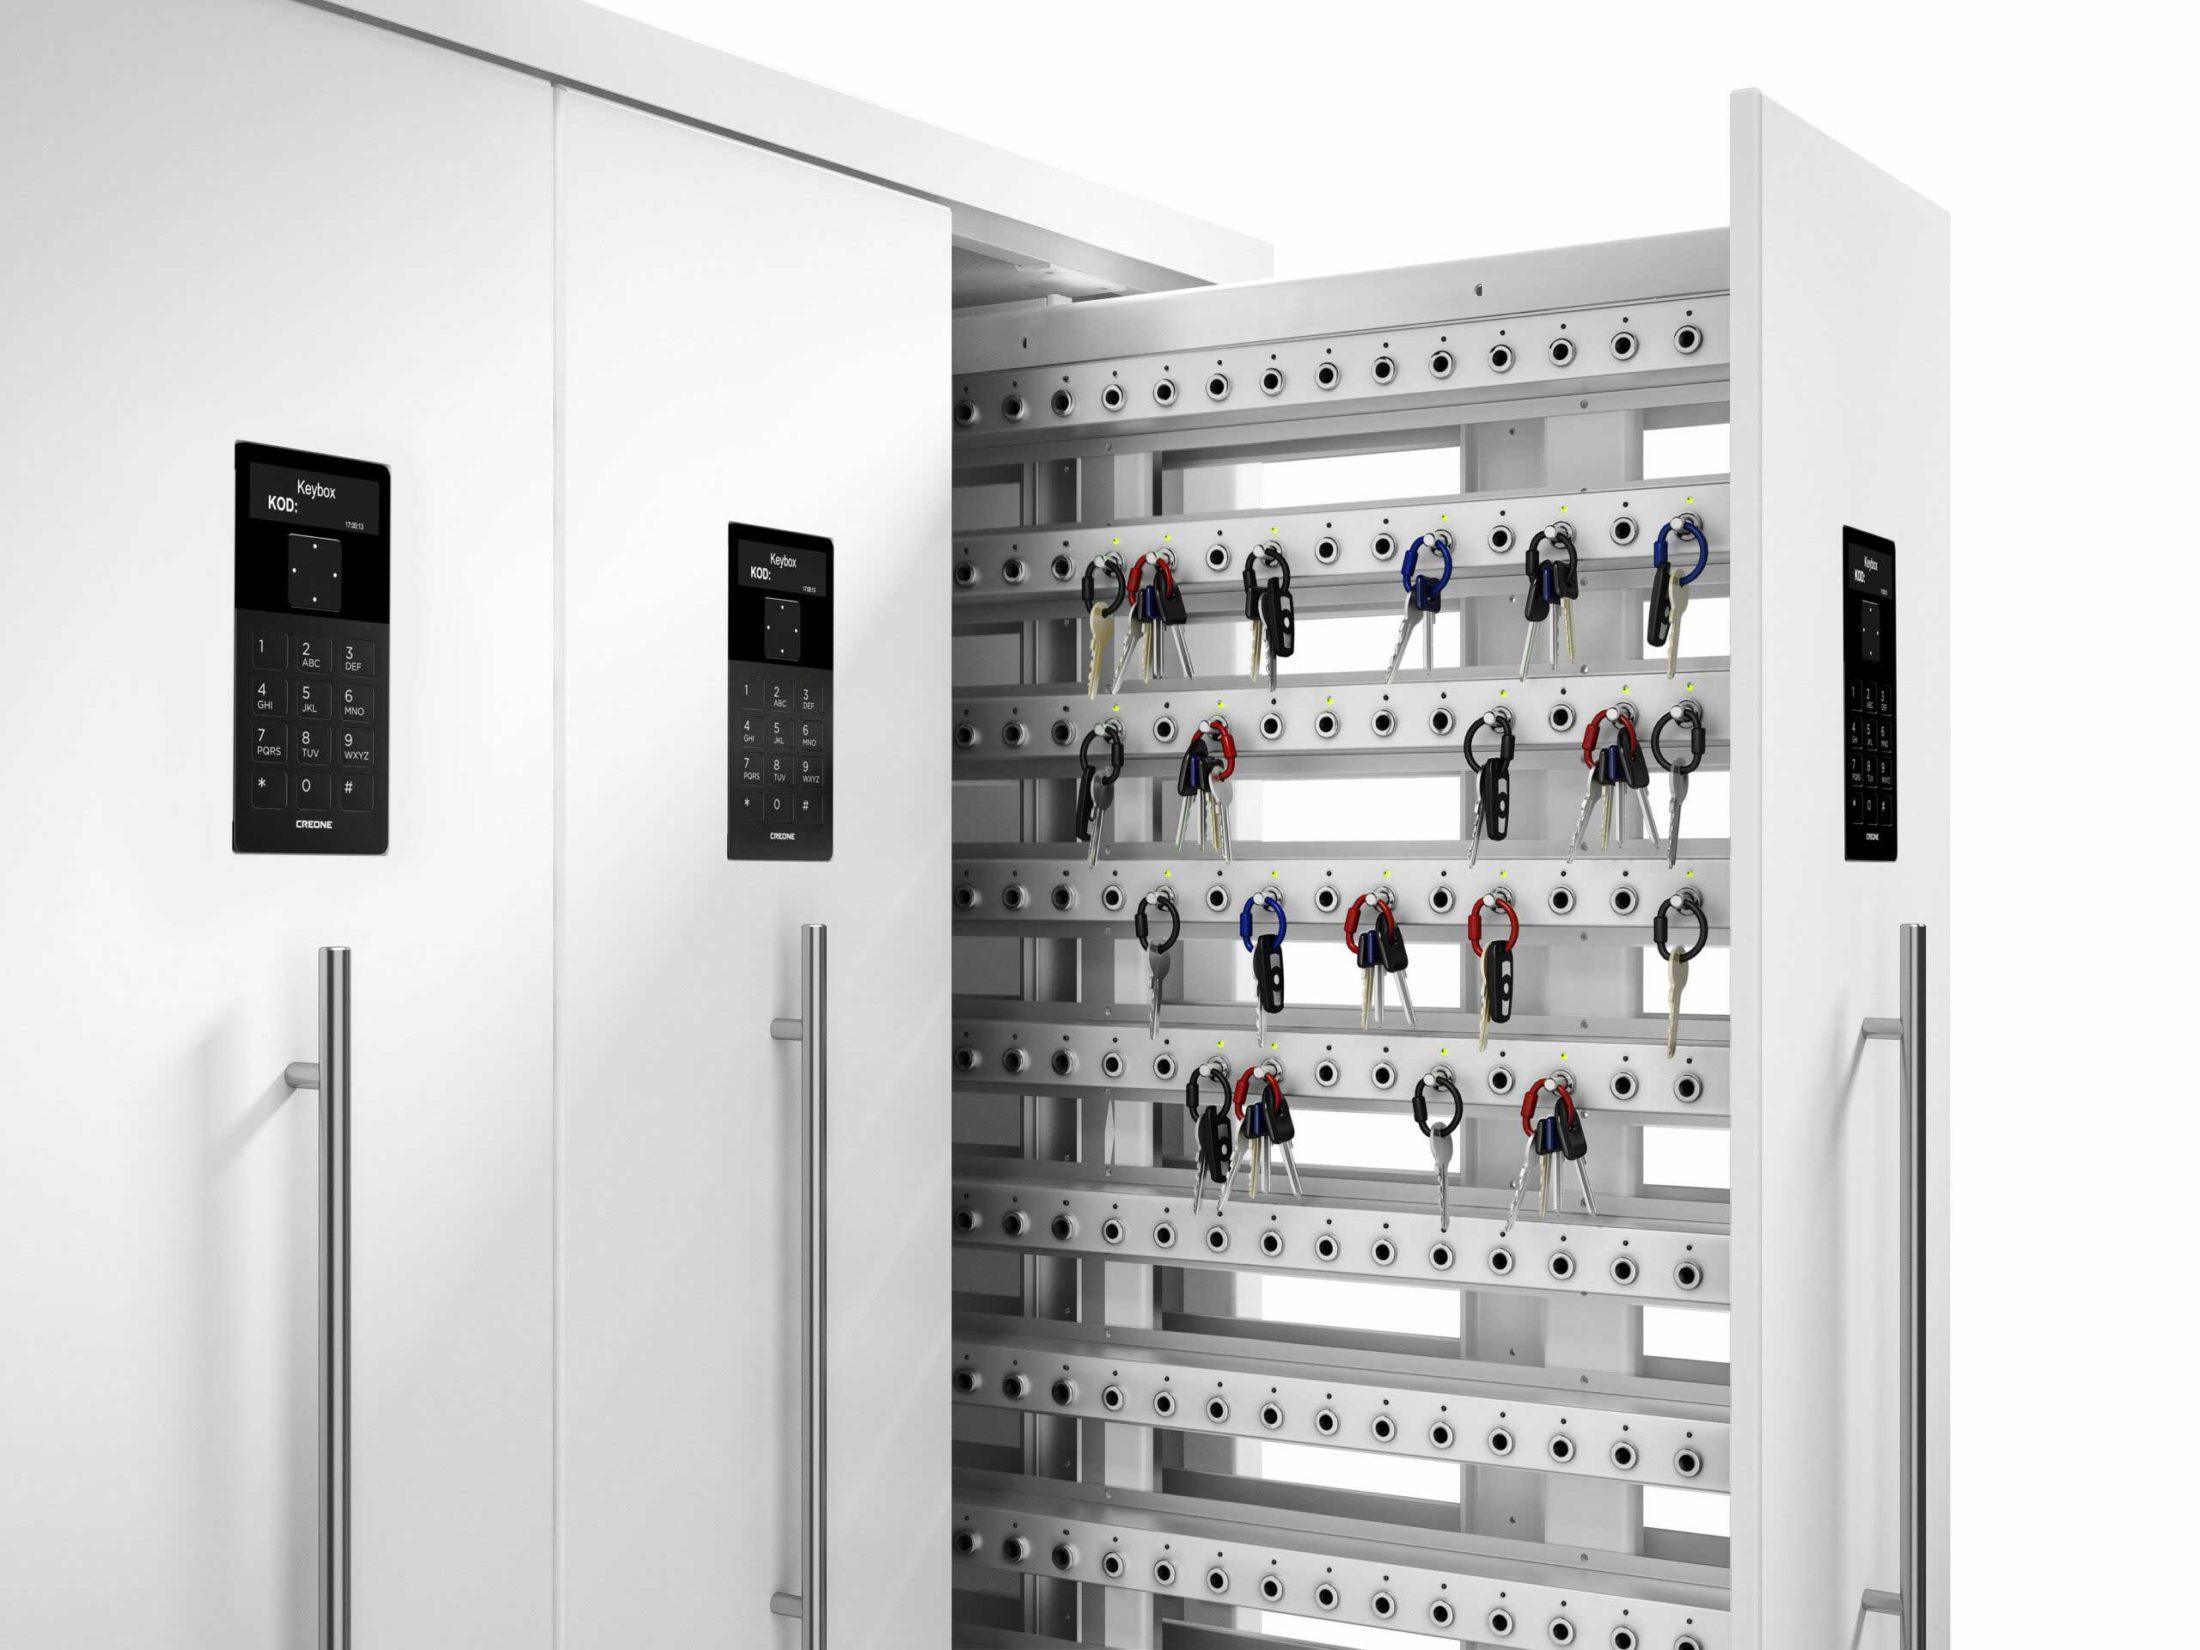 Schlüsselschrank 9700 SC der Keycontrol-Serie. Zeigt eine offene Tür mit Schlüssellisten, die die Schlüsselverwaltung organisieren.